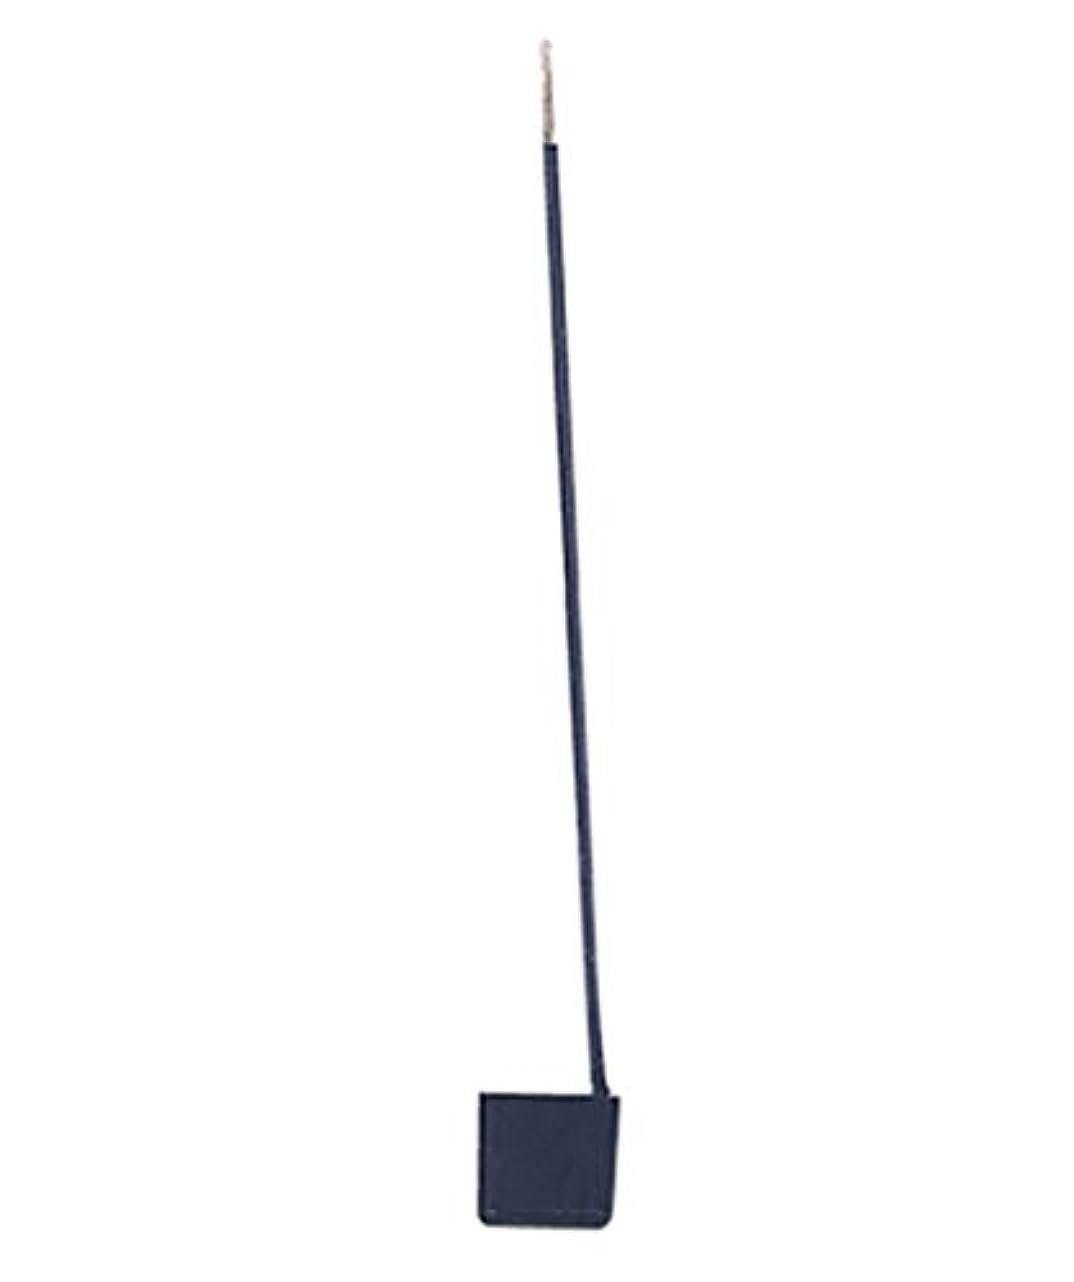 章有益直面するアズワン ゲート式万引き防止システム用タグ ロック付きワイヤーピン/61-7332-26